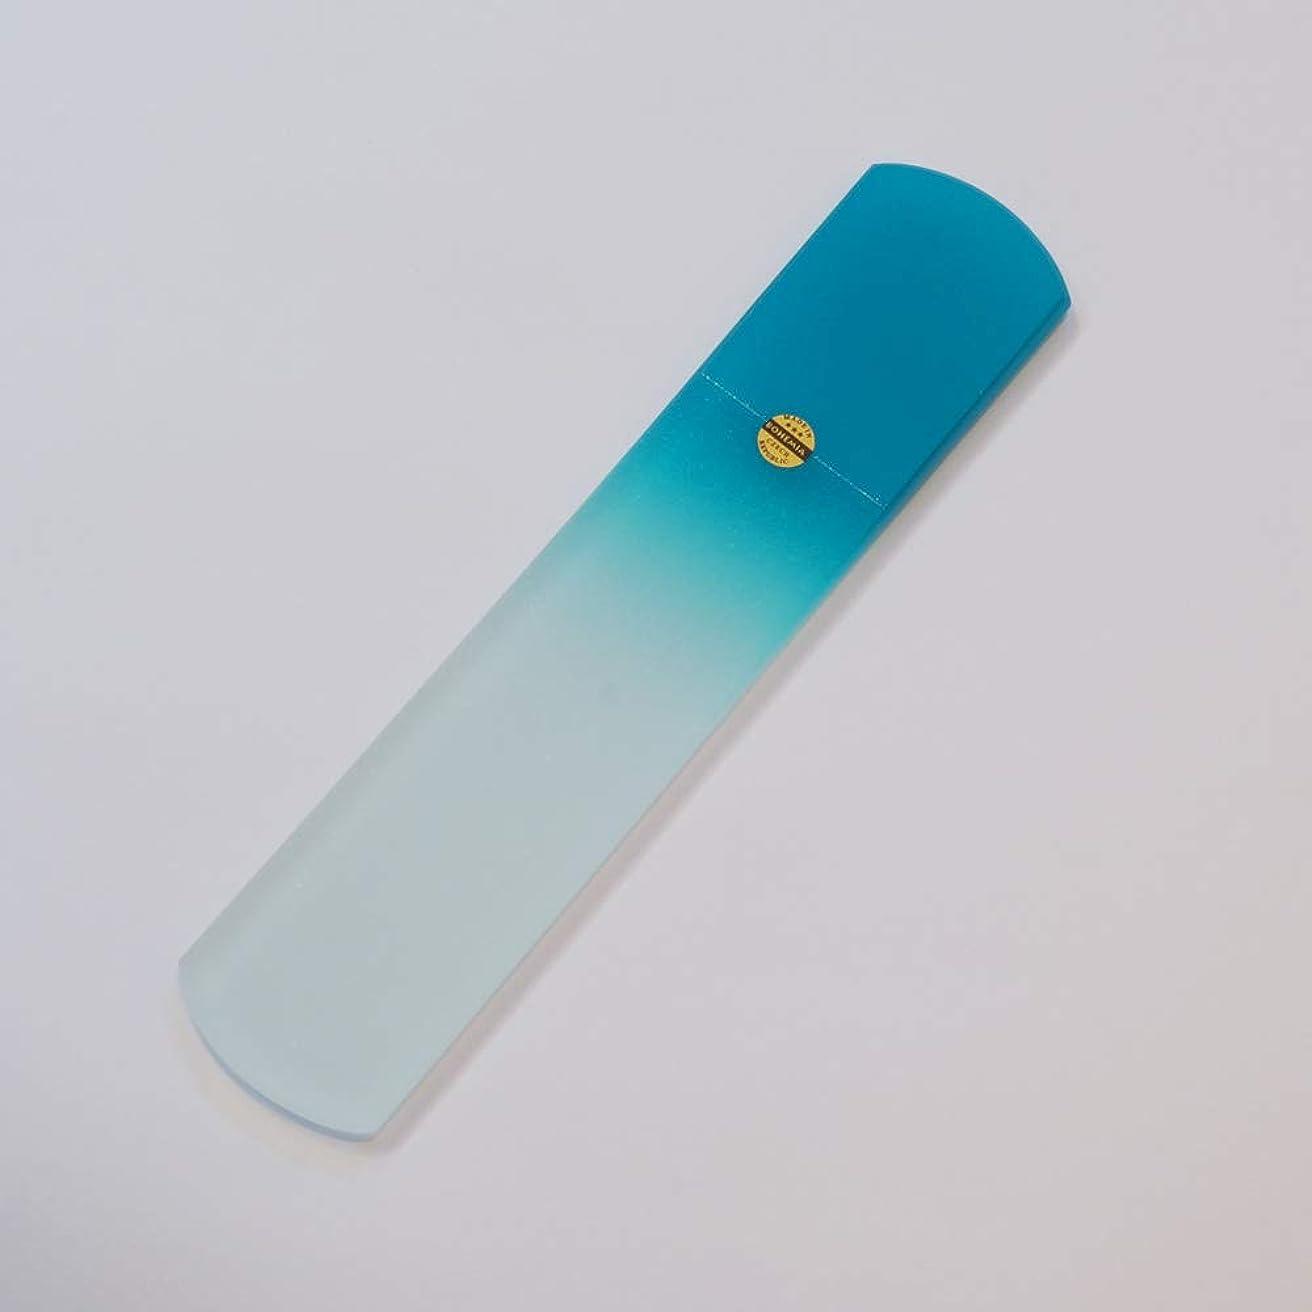 クアッガ時代遅れ好奇心盛【チェコ製】 ガラスのフットケアファイル かかと やすり 粗/細 両面タイプ パステルブルー